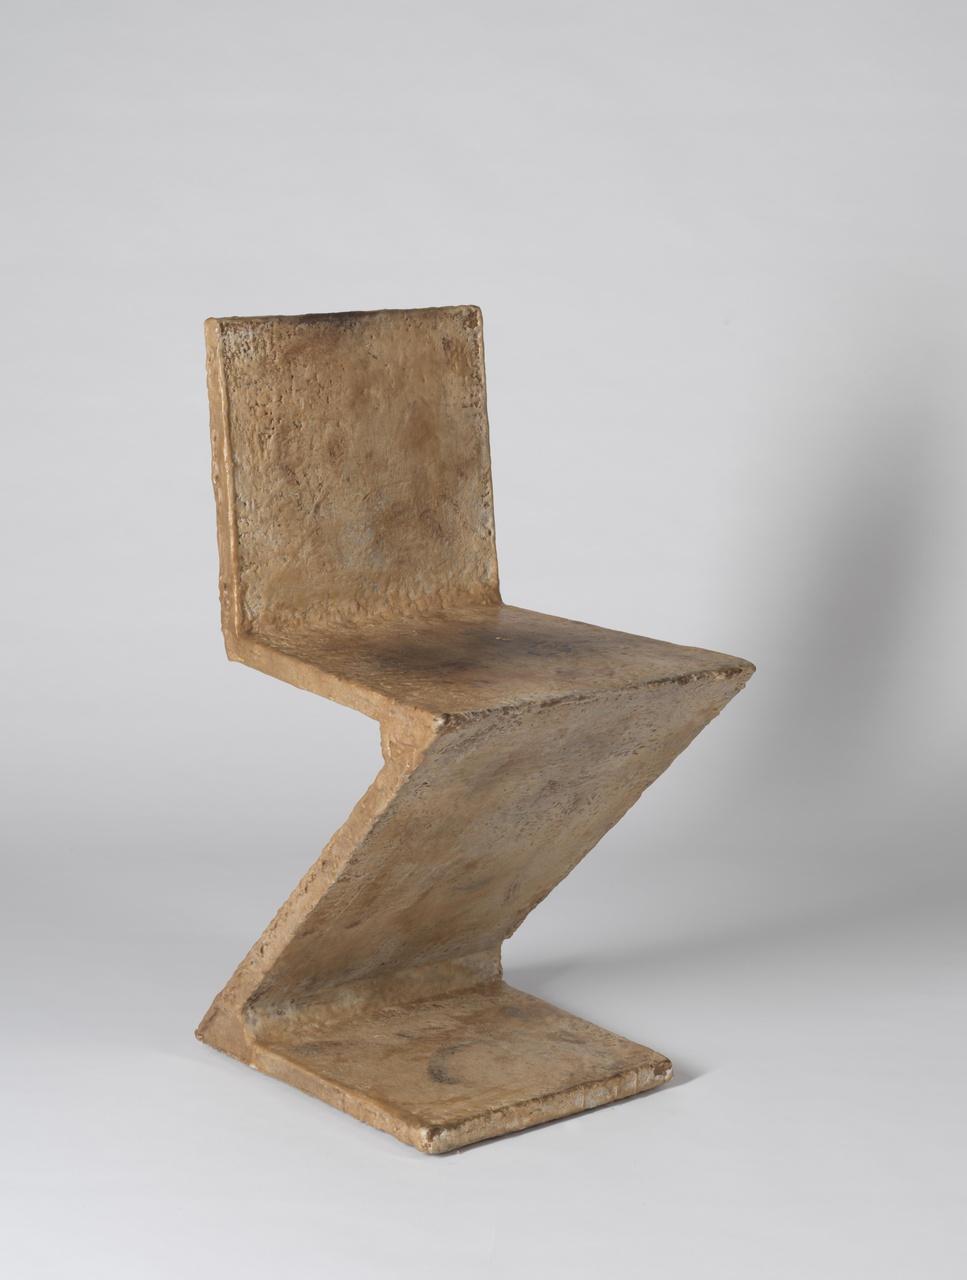 stoel Dream Journal